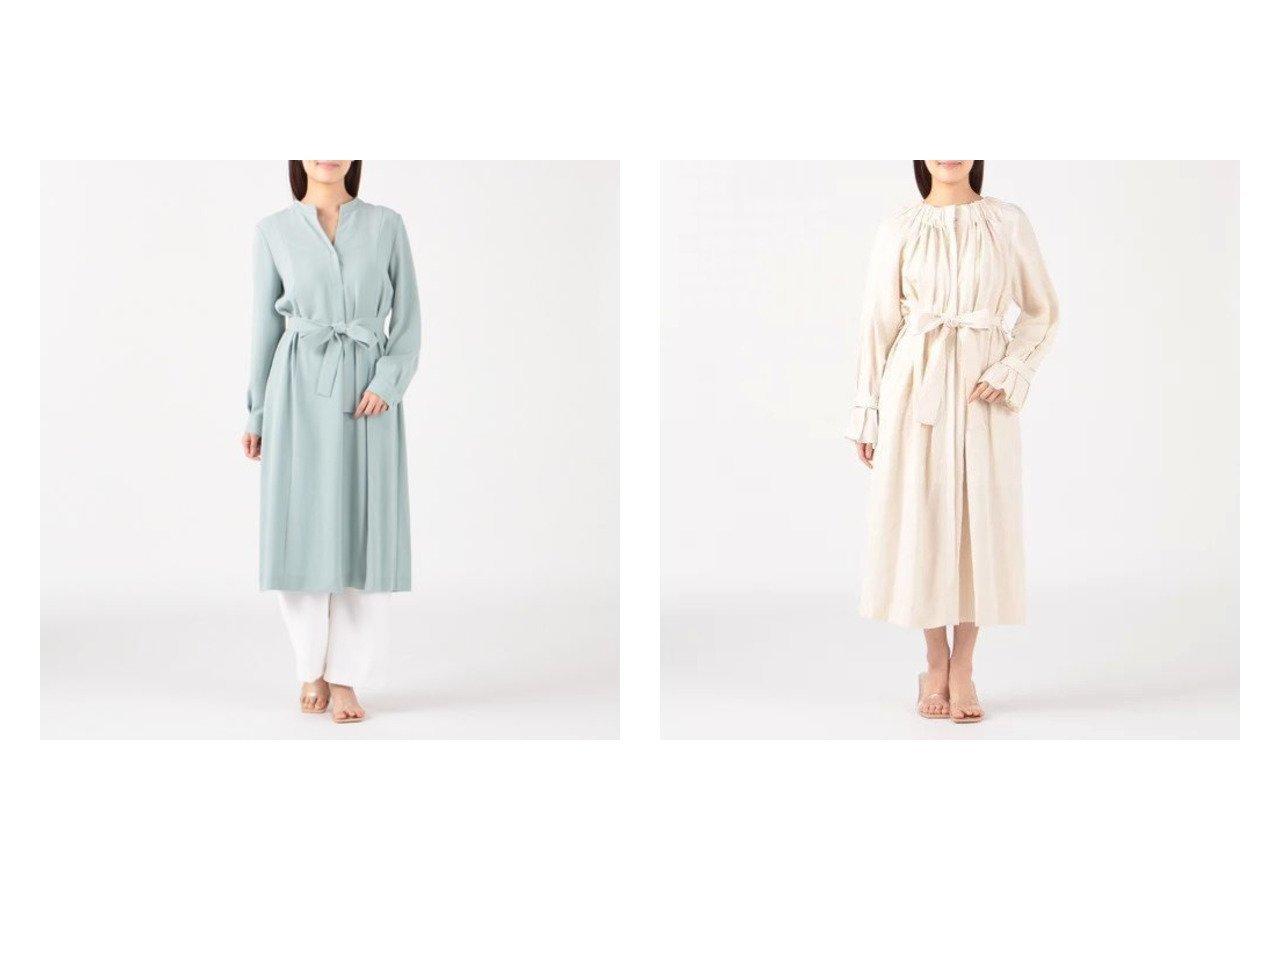 【Tiara/ティアラ】のオーバーレイヤードワンピース&ガウンワンピース おすすめ!人気、トレンド・レディースファッションの通販 おすすめで人気の流行・トレンド、ファッションの通販商品 インテリア・家具・メンズファッション・キッズファッション・レディースファッション・服の通販 founy(ファニー) https://founy.com/ ファッション Fashion レディースファッション WOMEN アウター Coat Outerwear コート Coats ワンピース Dress シャツワンピース Shirt Dresses カフス ガウン ギャザー フェミニン フレア ロング 今季 羽織 長袖  ID:crp329100000045350